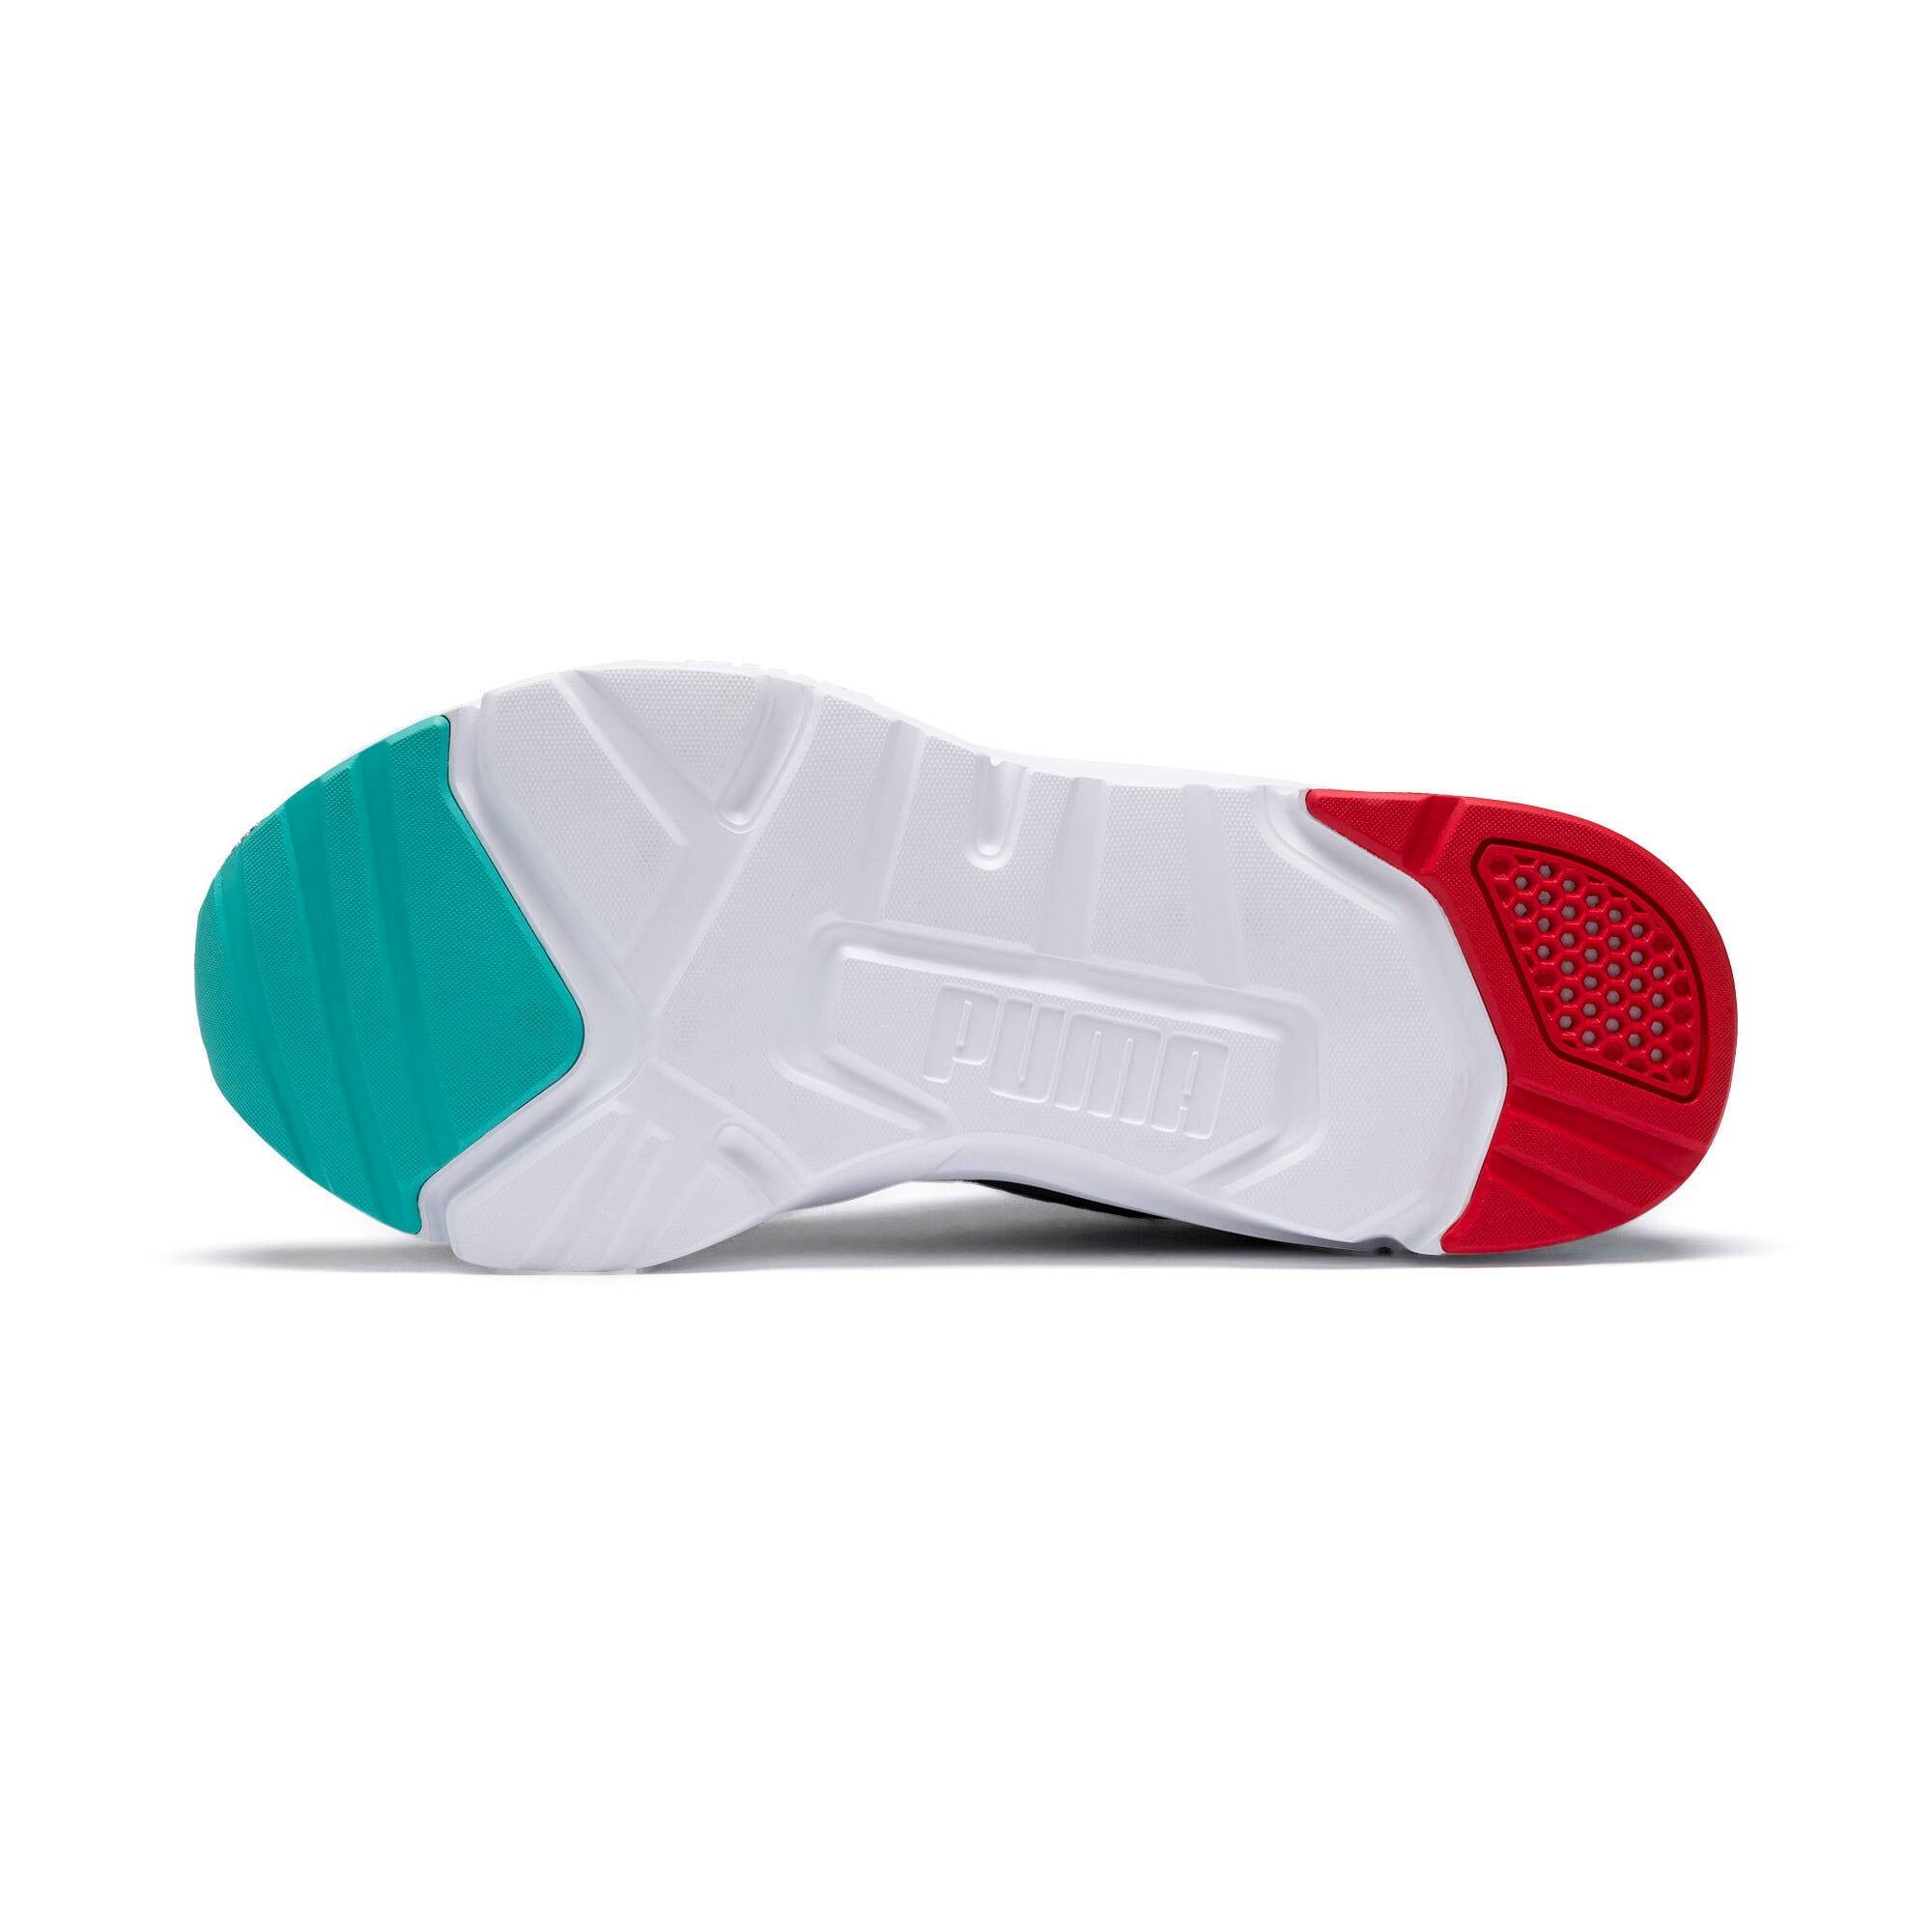 Thumbnail 5 of CELL Phase Men's Training Shoes, CASTLEROCK-White-HighRiskRed, medium